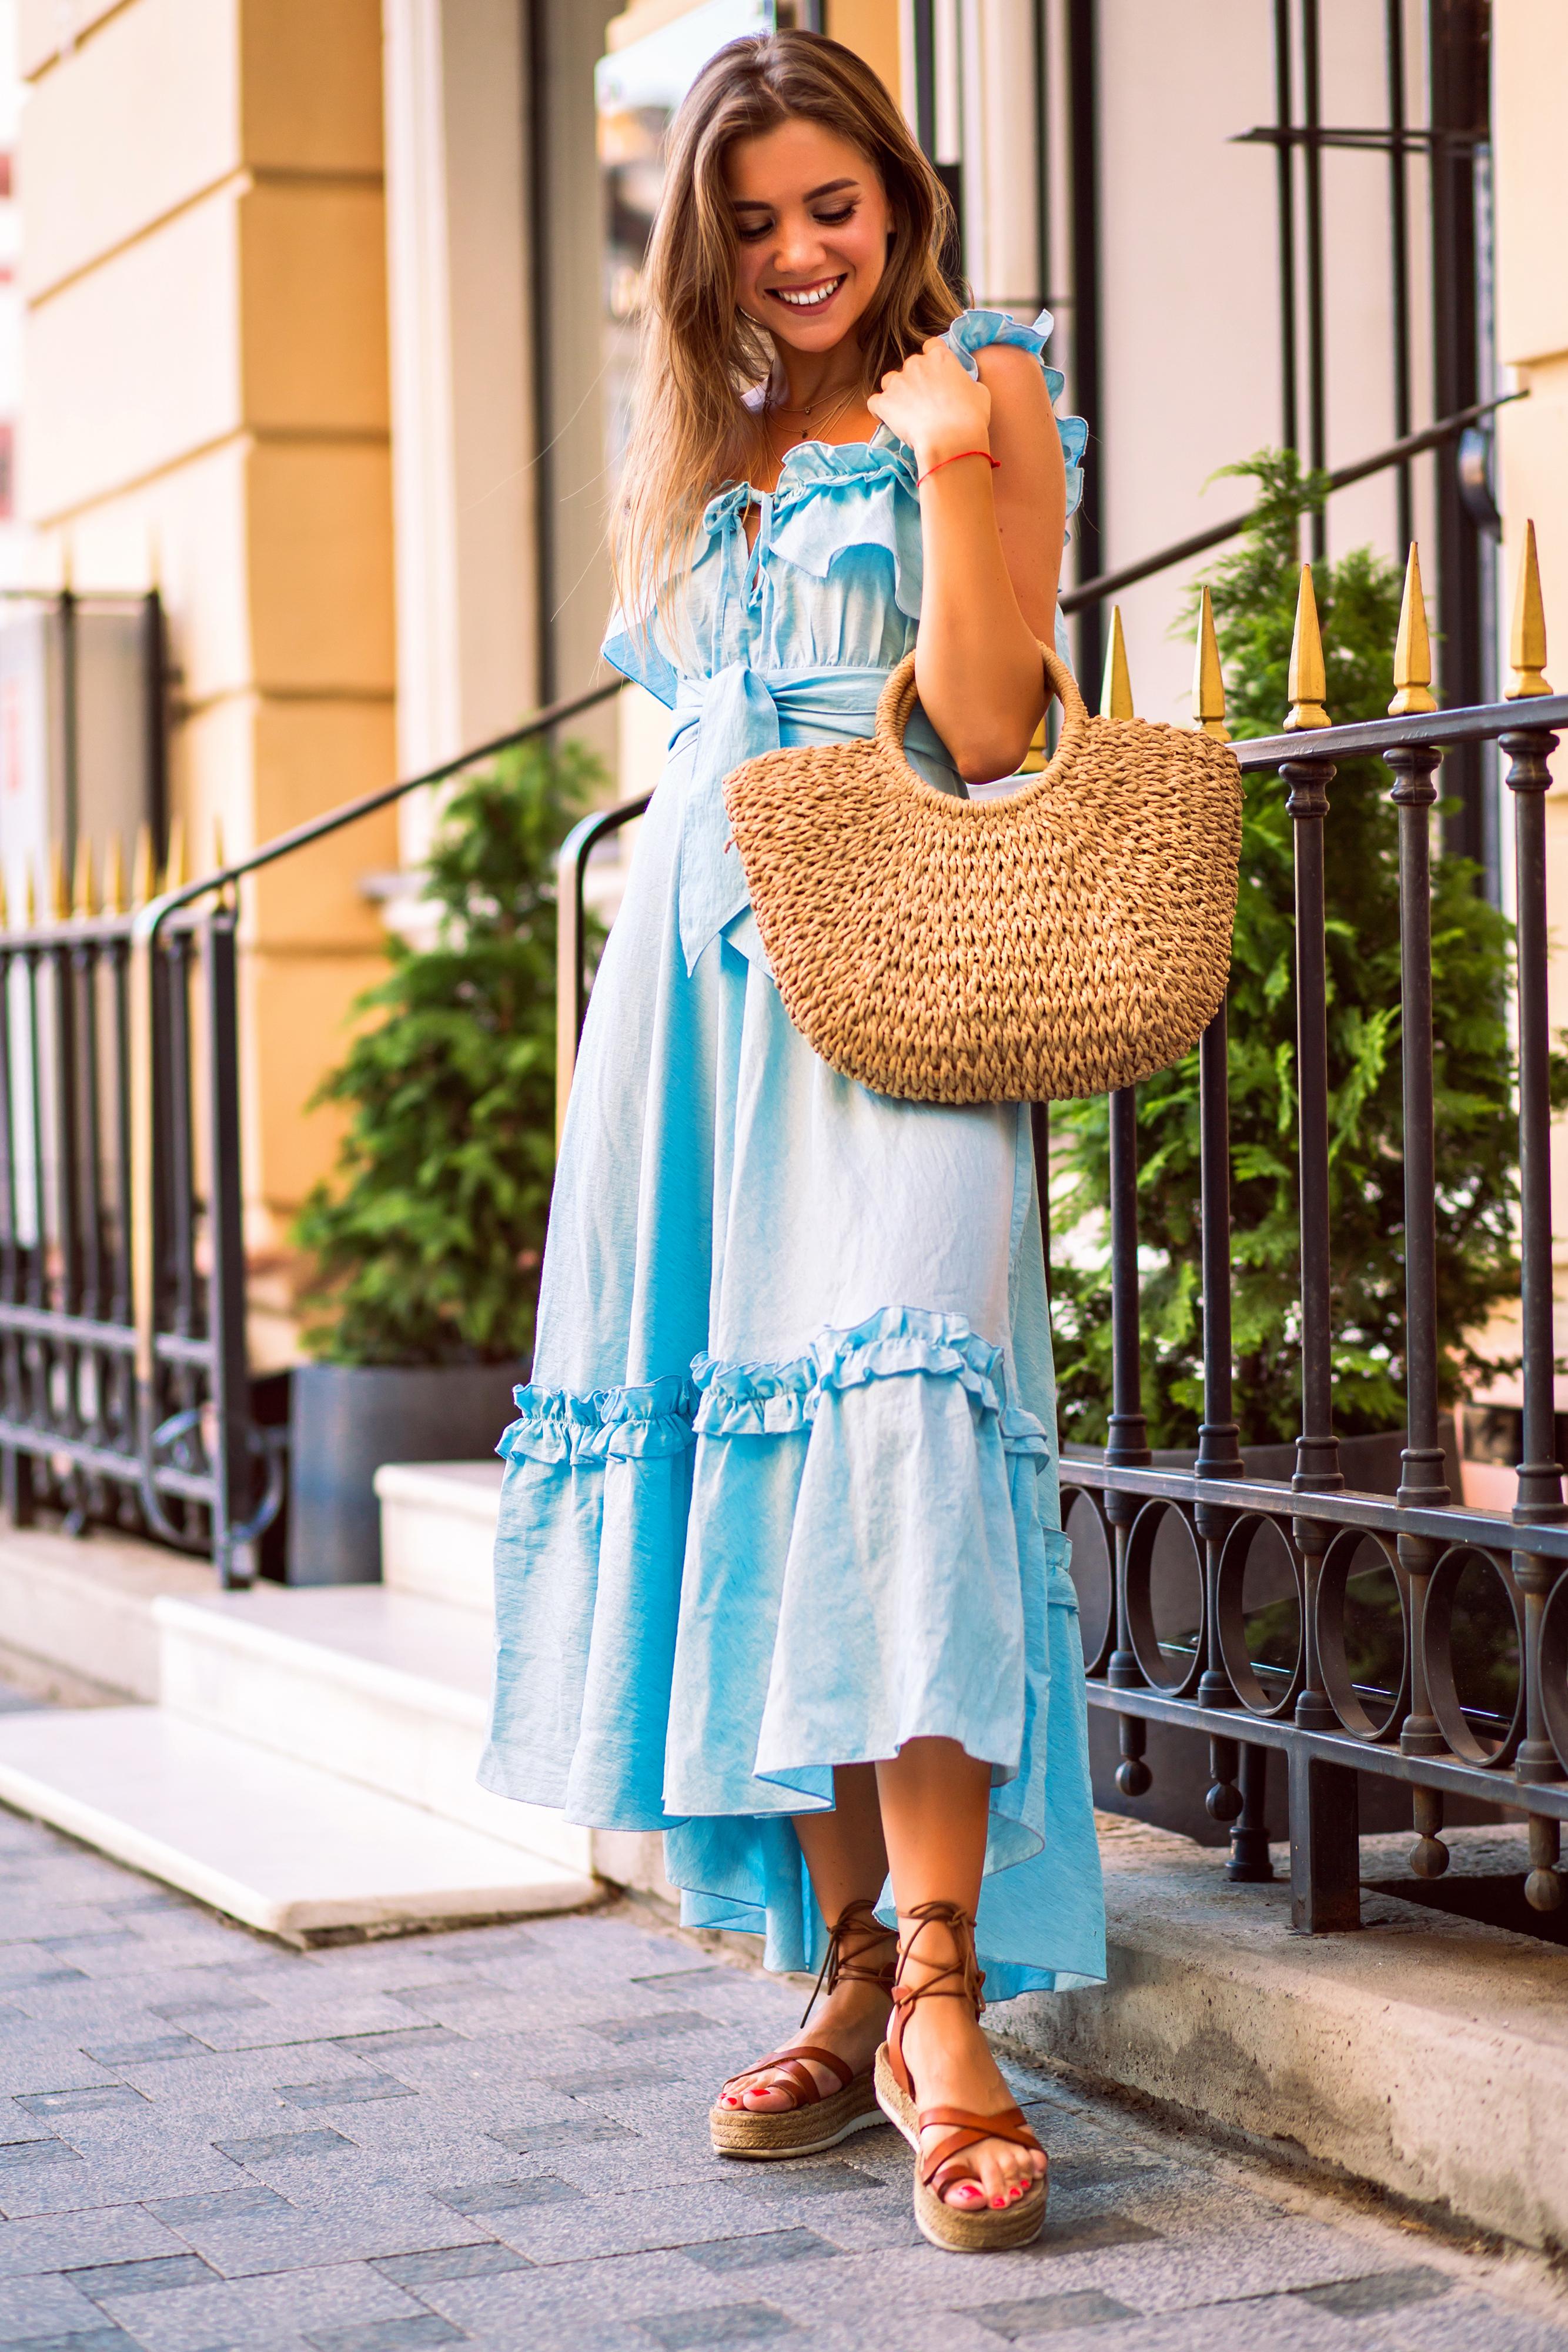 فستان كشكش منسدل بلون فاتح مناسب للأجواء الصيفية- مصدر الصورة موقع إنفاتو